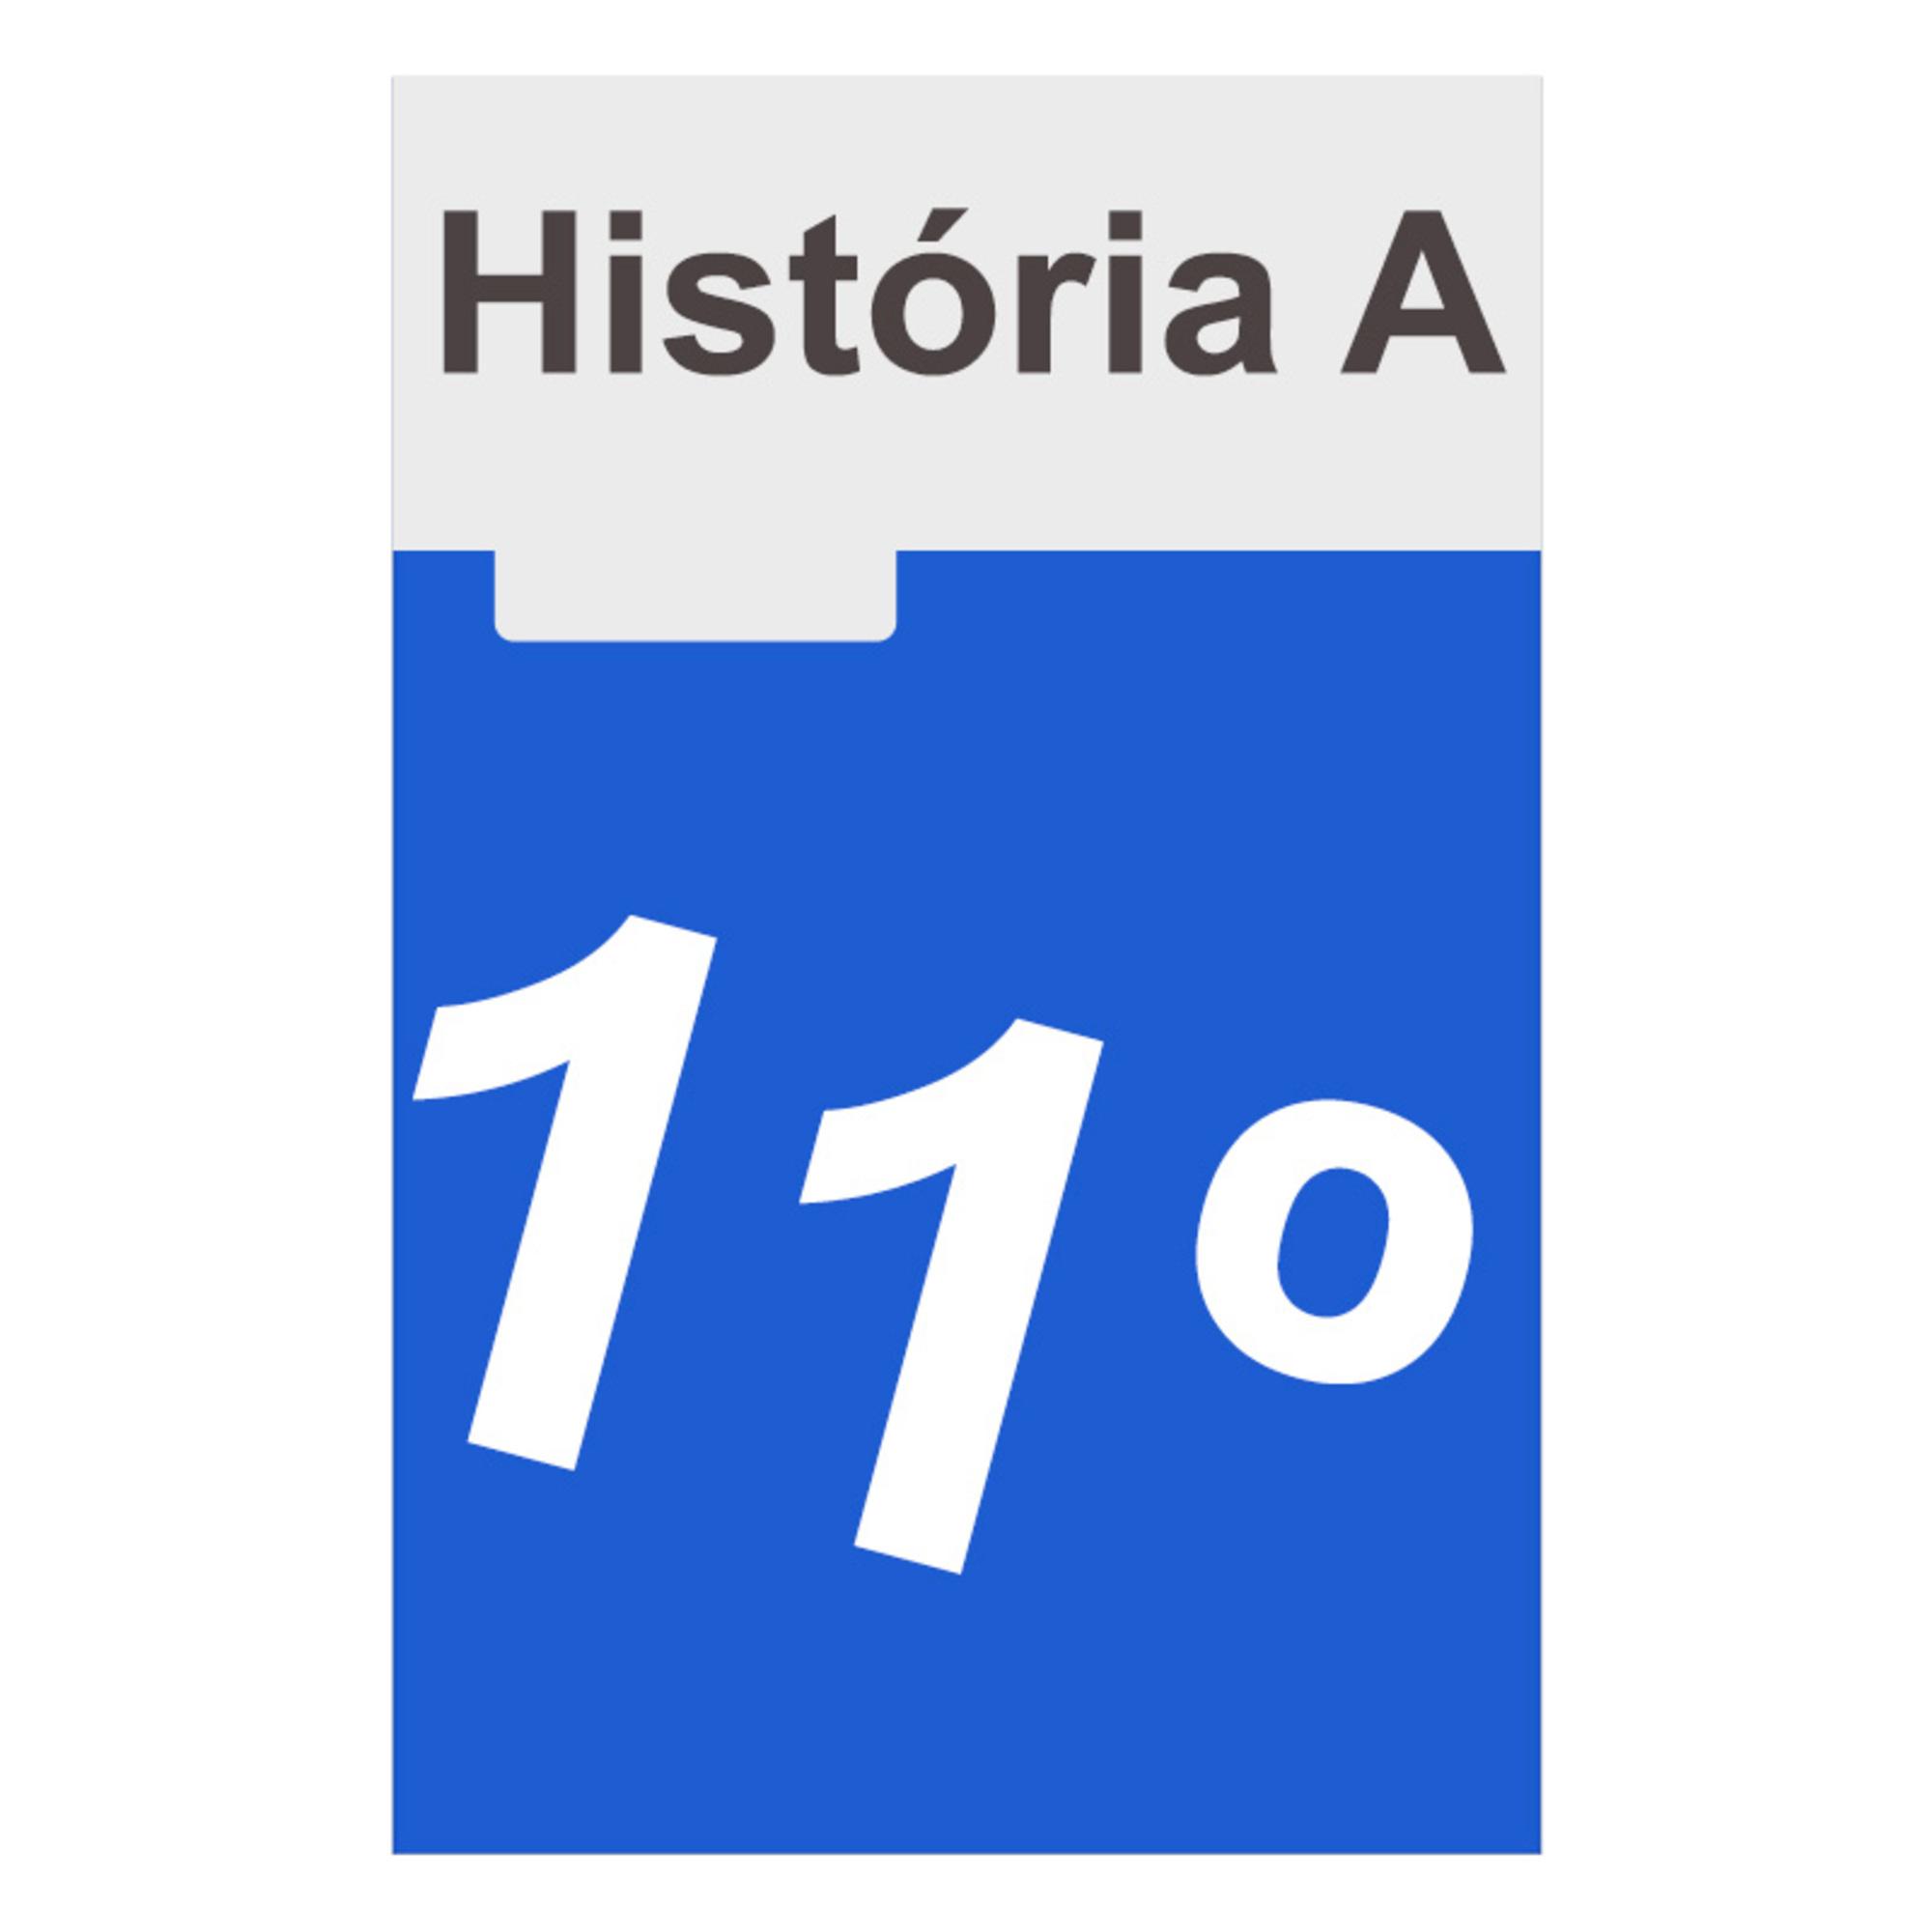 PORTO EDITORA - PORTO EDITORA Manual Um novo Tempo da História (História A; 11º Ano)